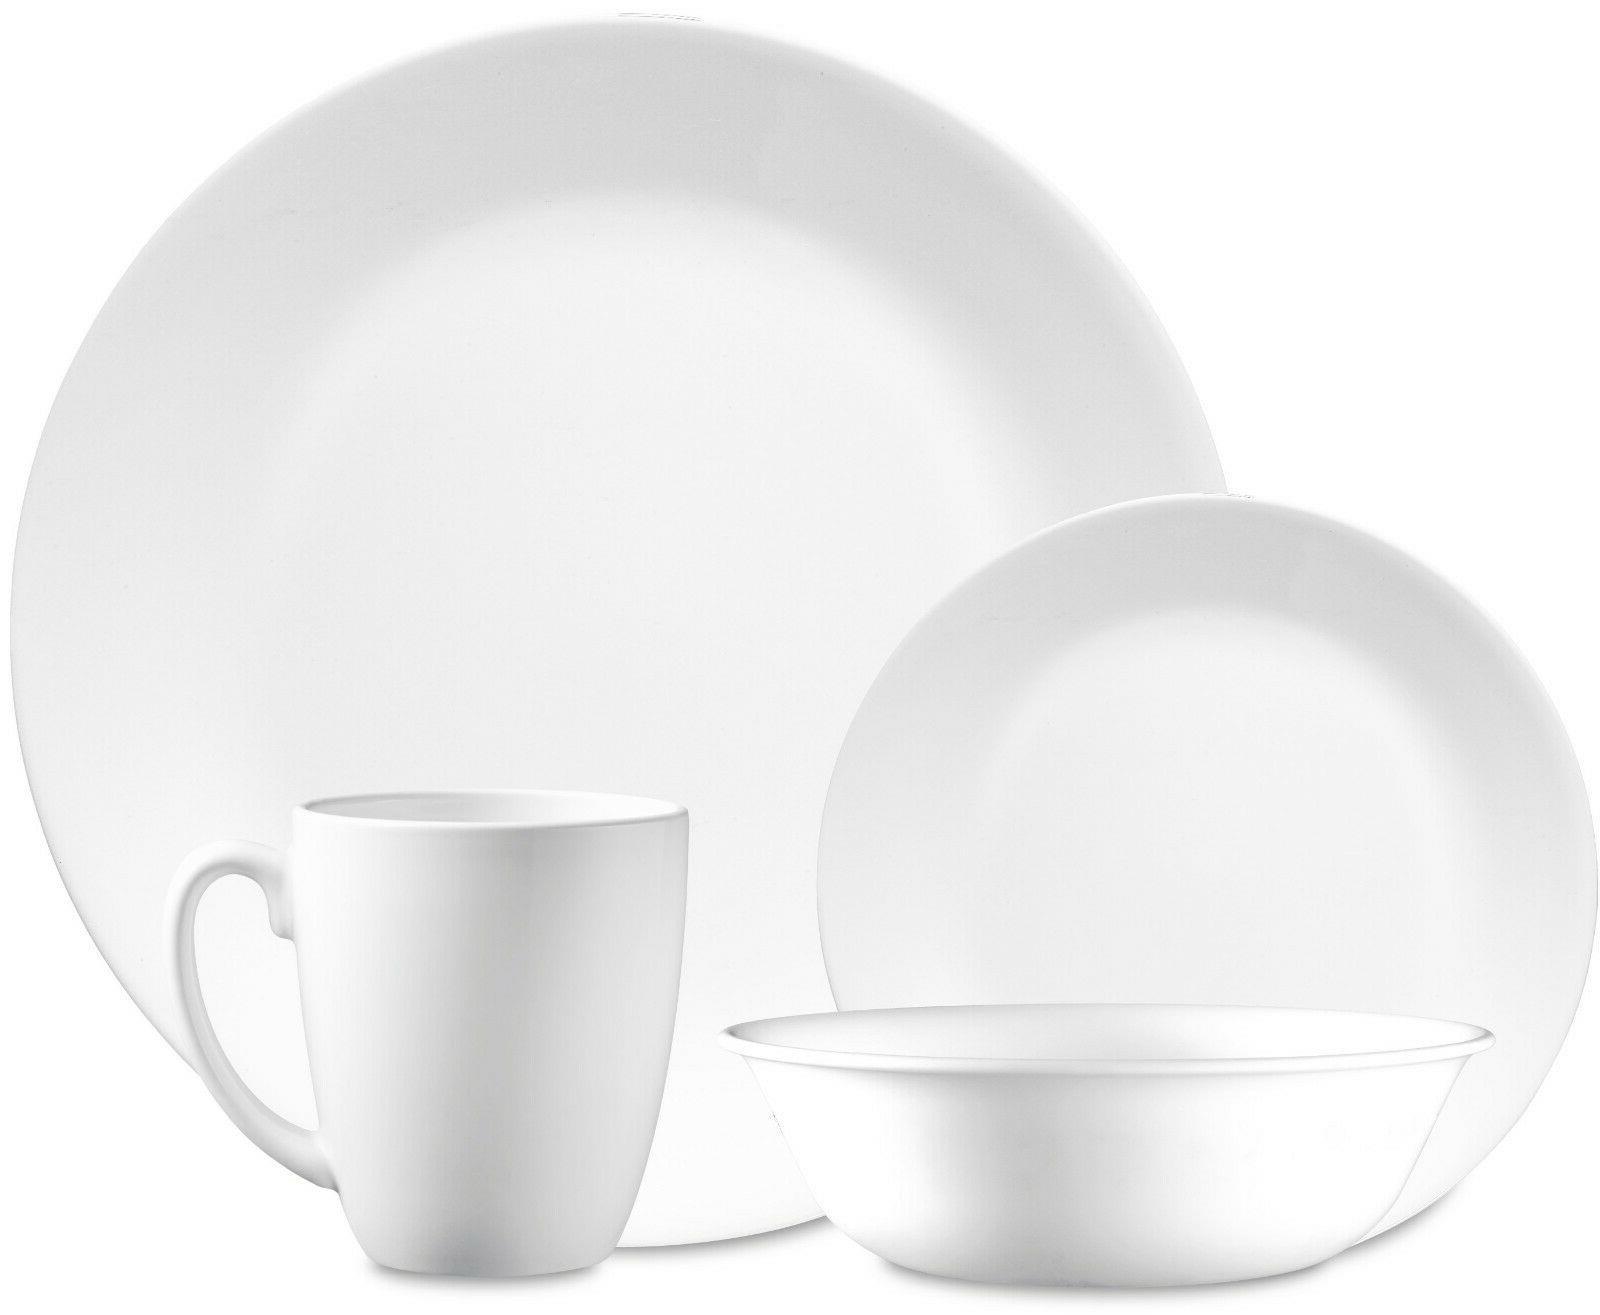 Corelle White Dinnerware 16 Piece